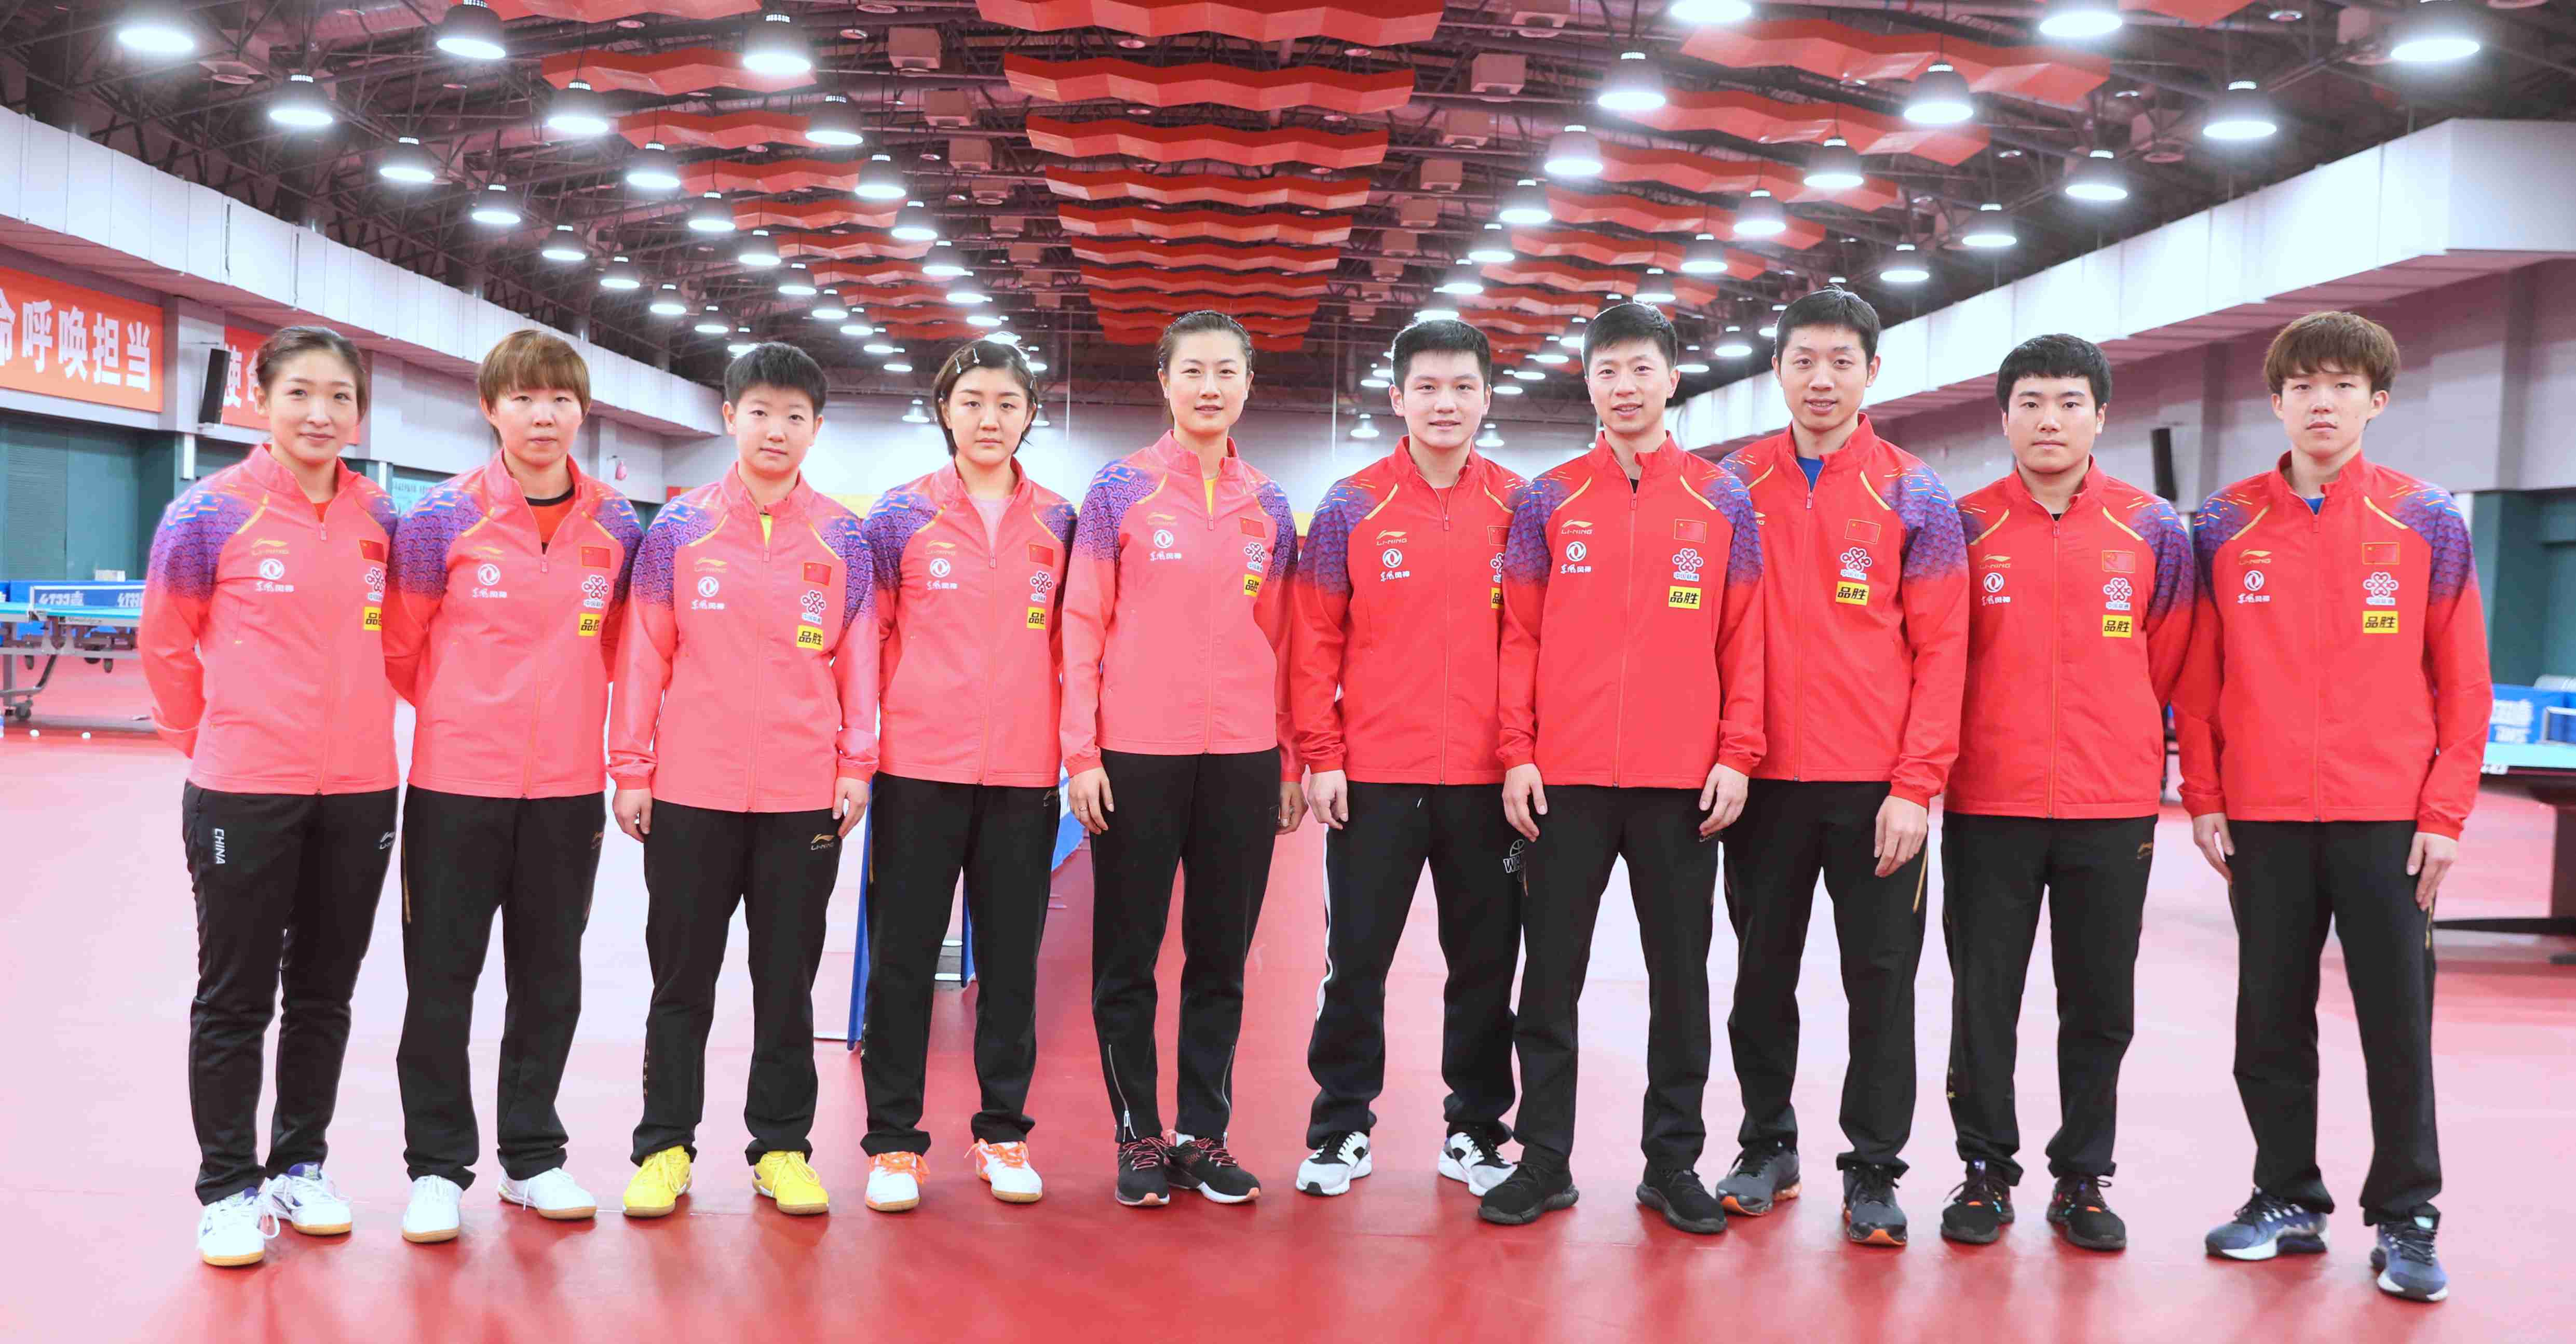 国乒公布2020釜山团体世乒赛名单 马龙丁宁领衔